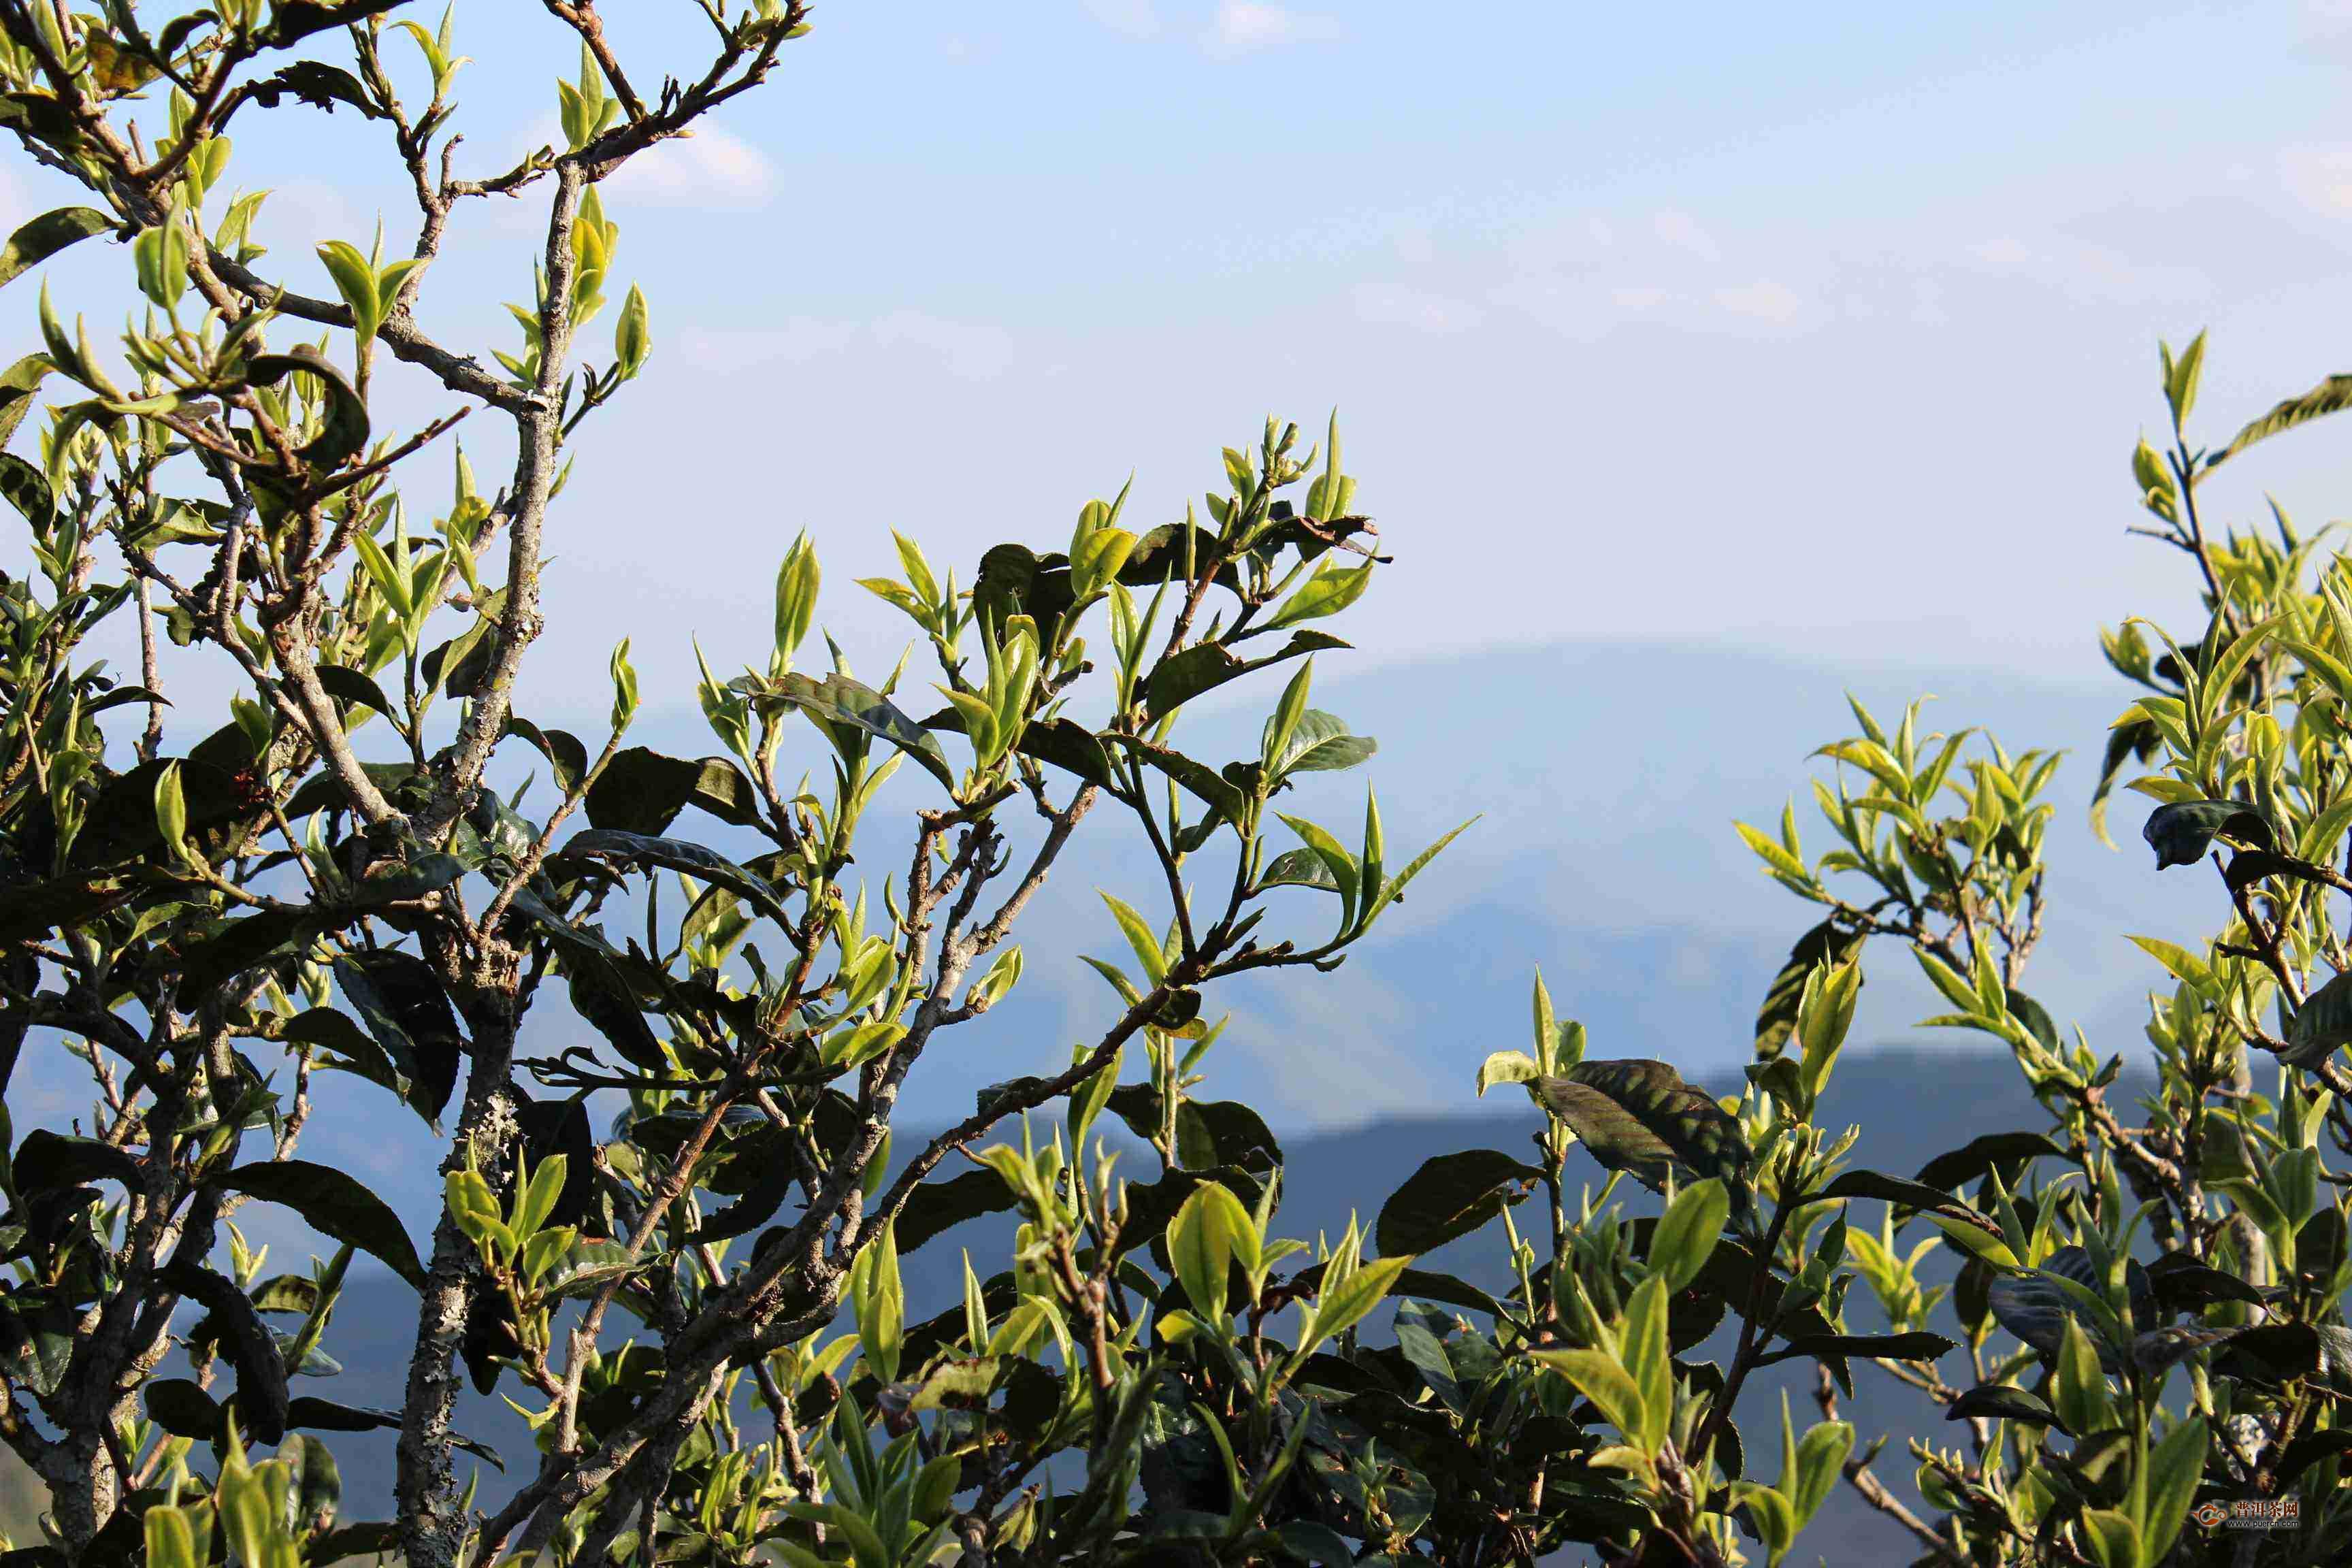 倚邦大黑树林普洱茶产地在哪里